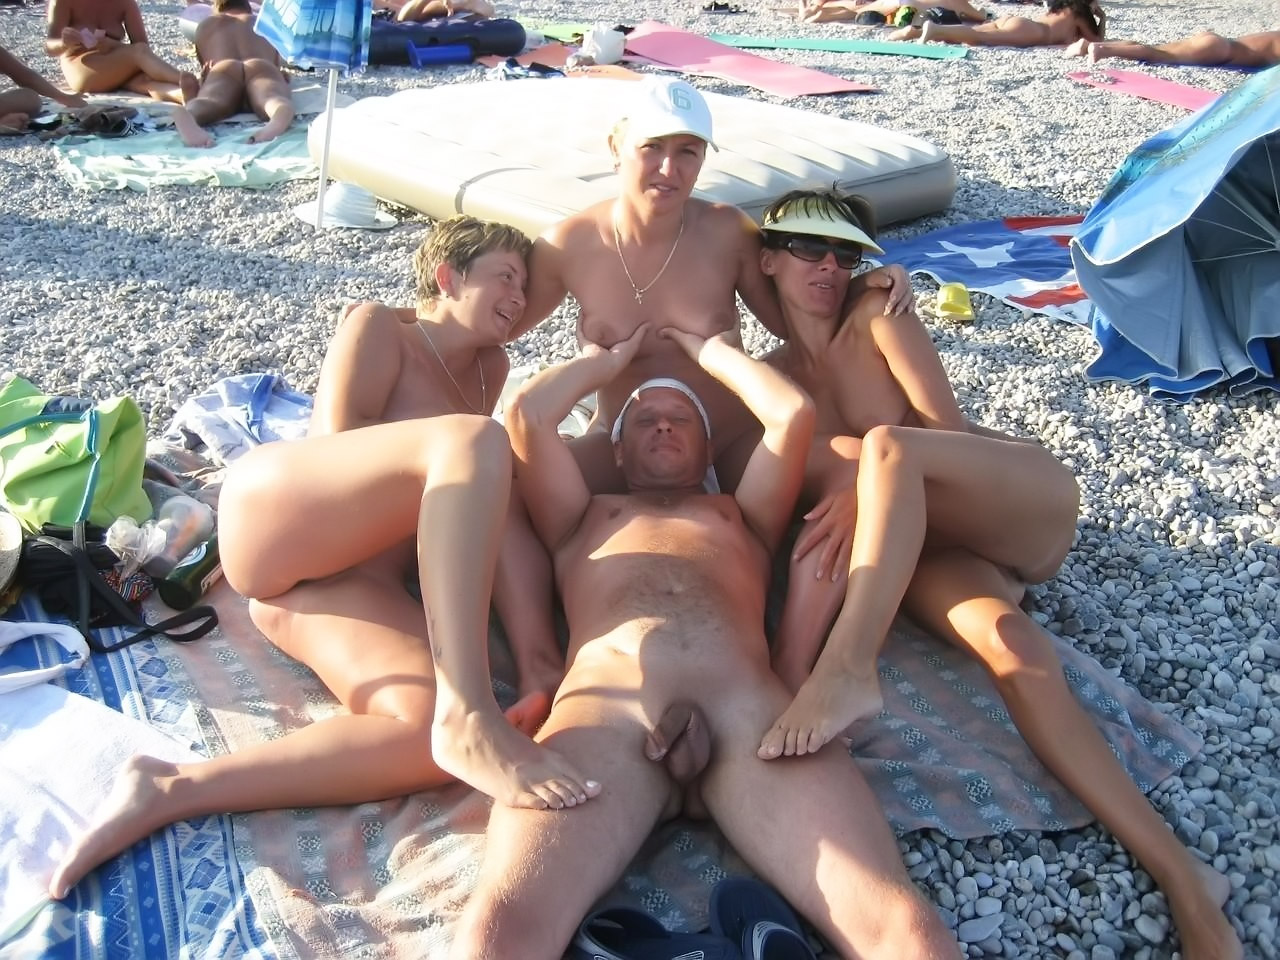 семейные нудисты на пляже фото № 193221 загрузить